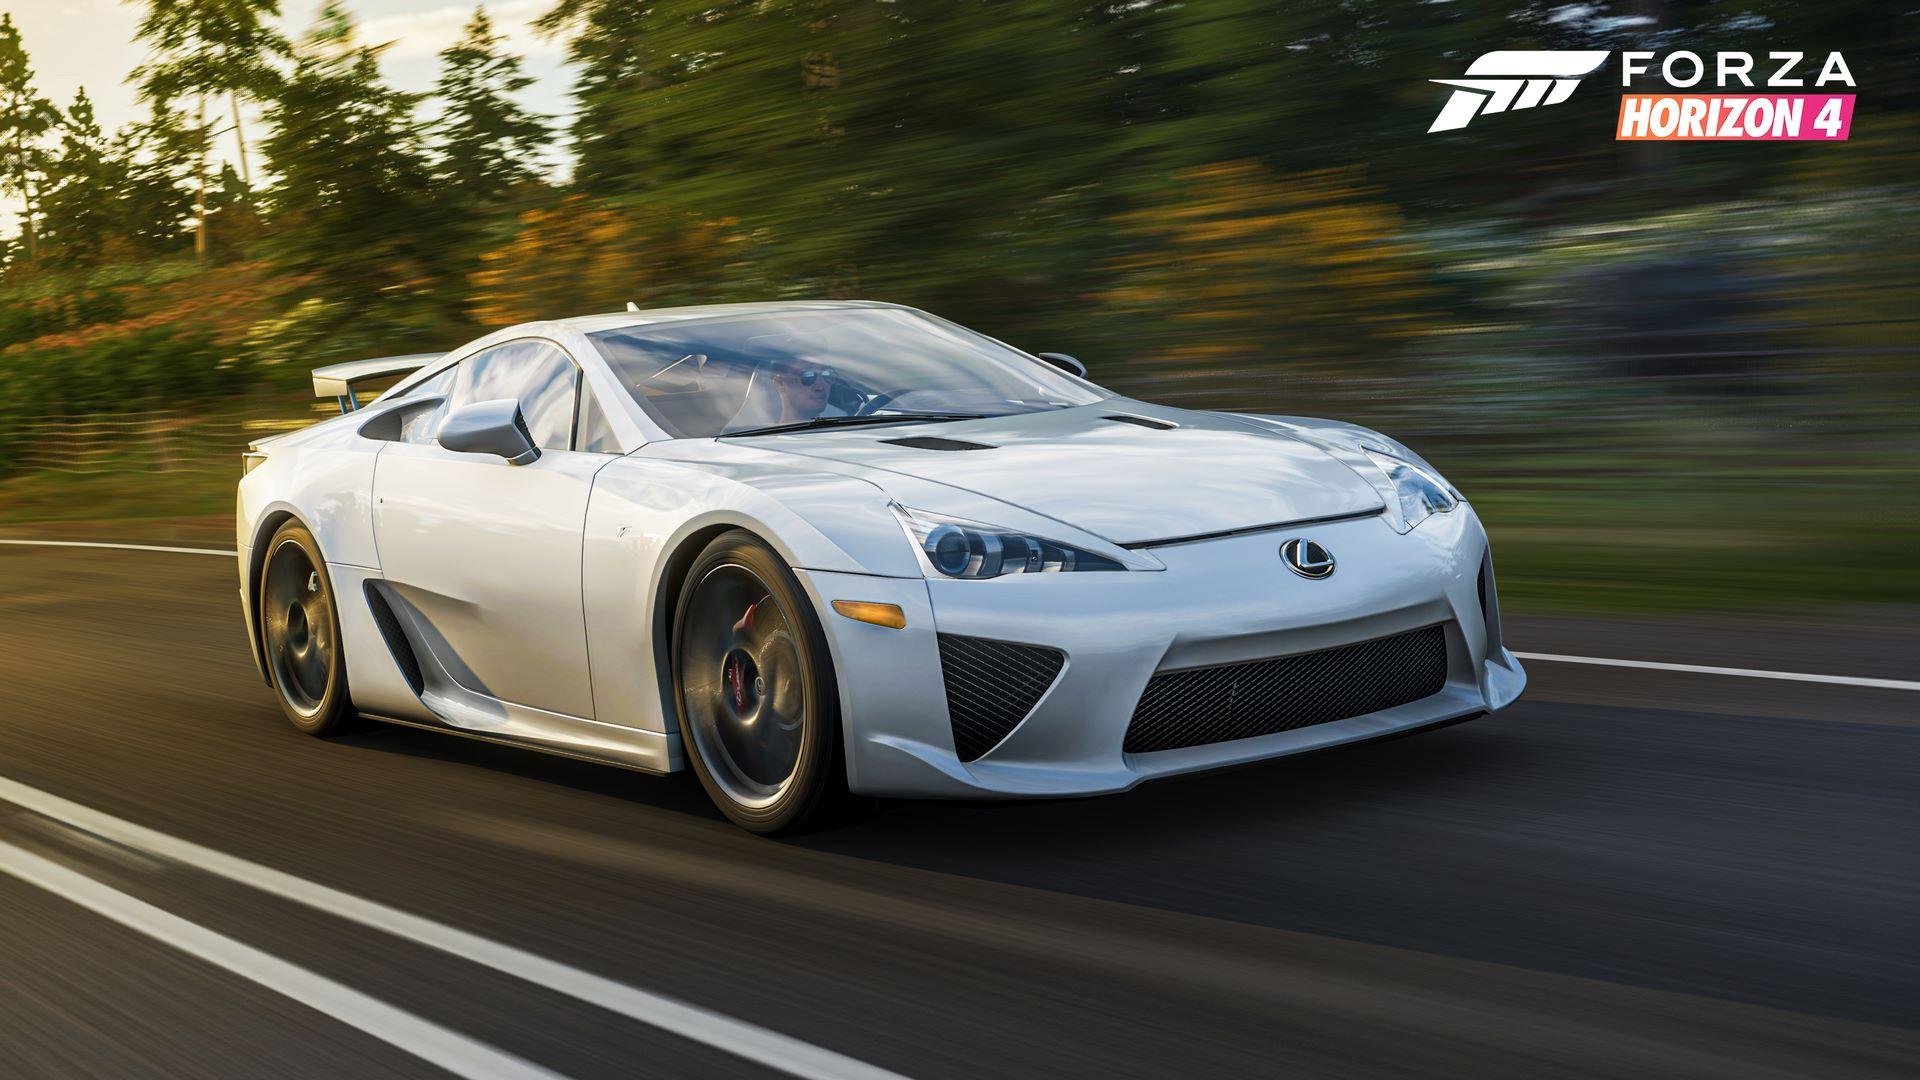 Forza-Horizon-4-update-19-1